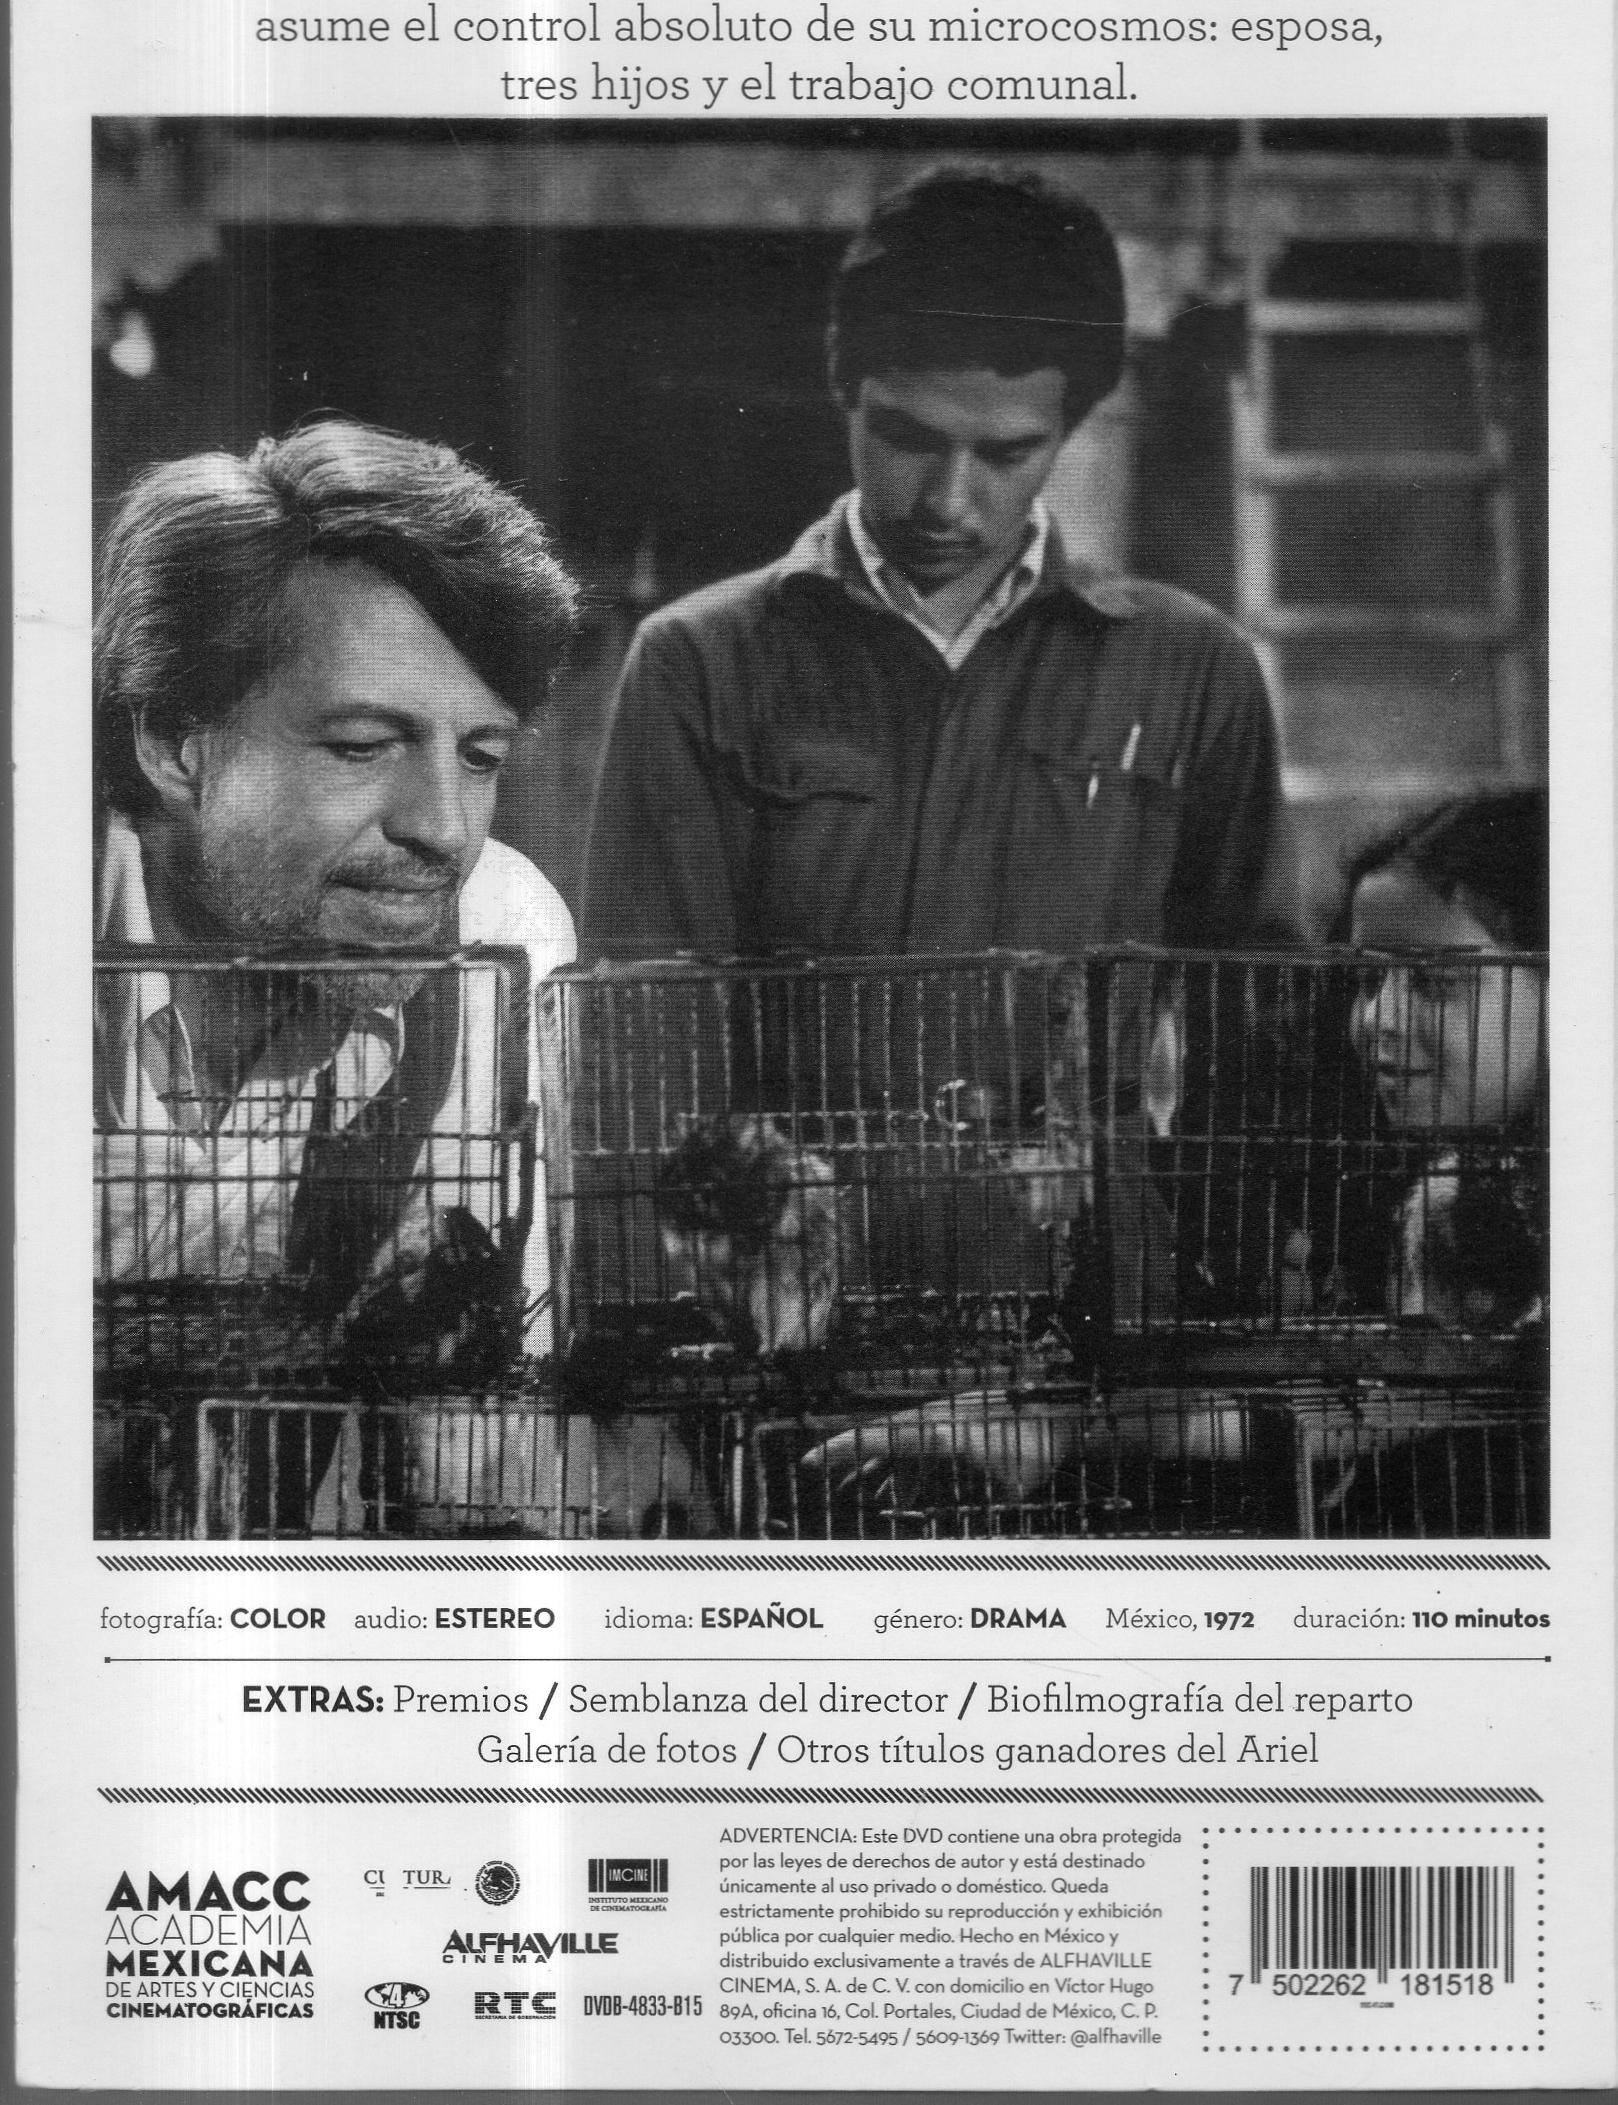 Arturo Beristáin, Gladys Bermejo, and Claudio Brook in El castillo de la pureza (1973)